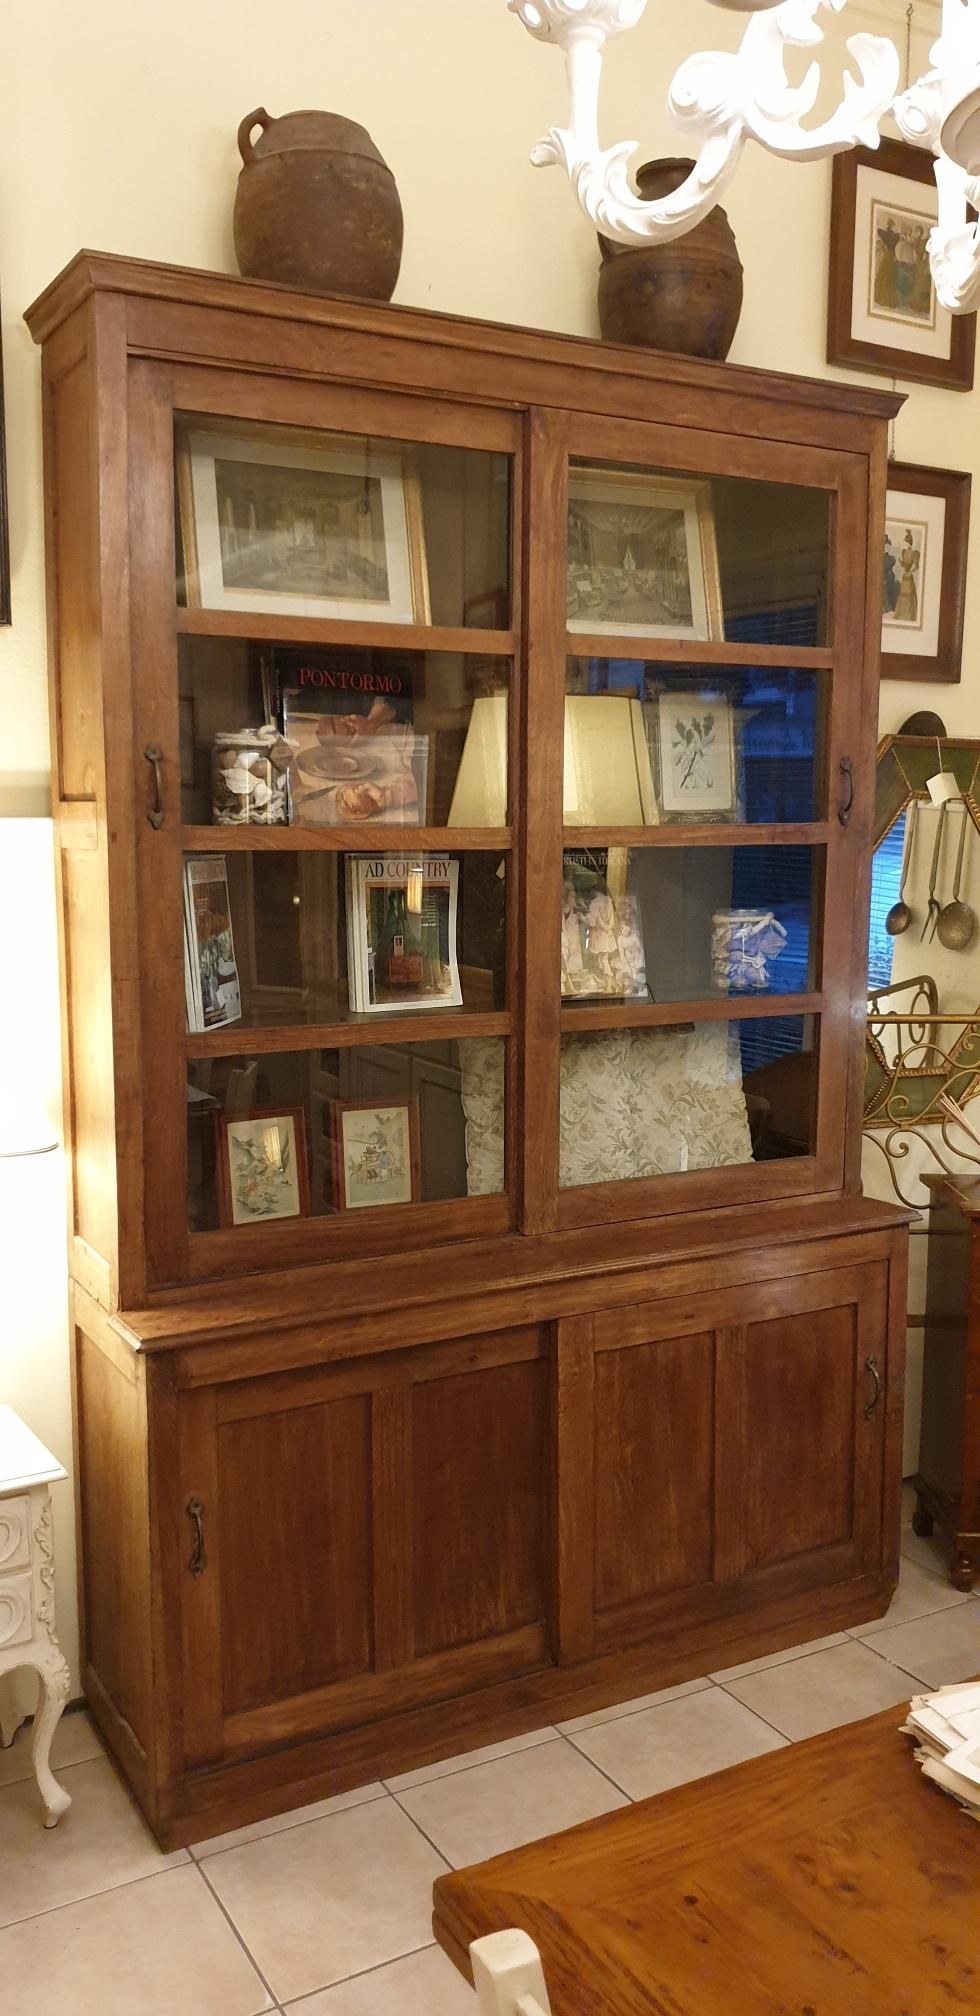 Foto Di Librerie In Legno.Arredamento Contemporaneo Mobili Country Su Misura Siena Firenze